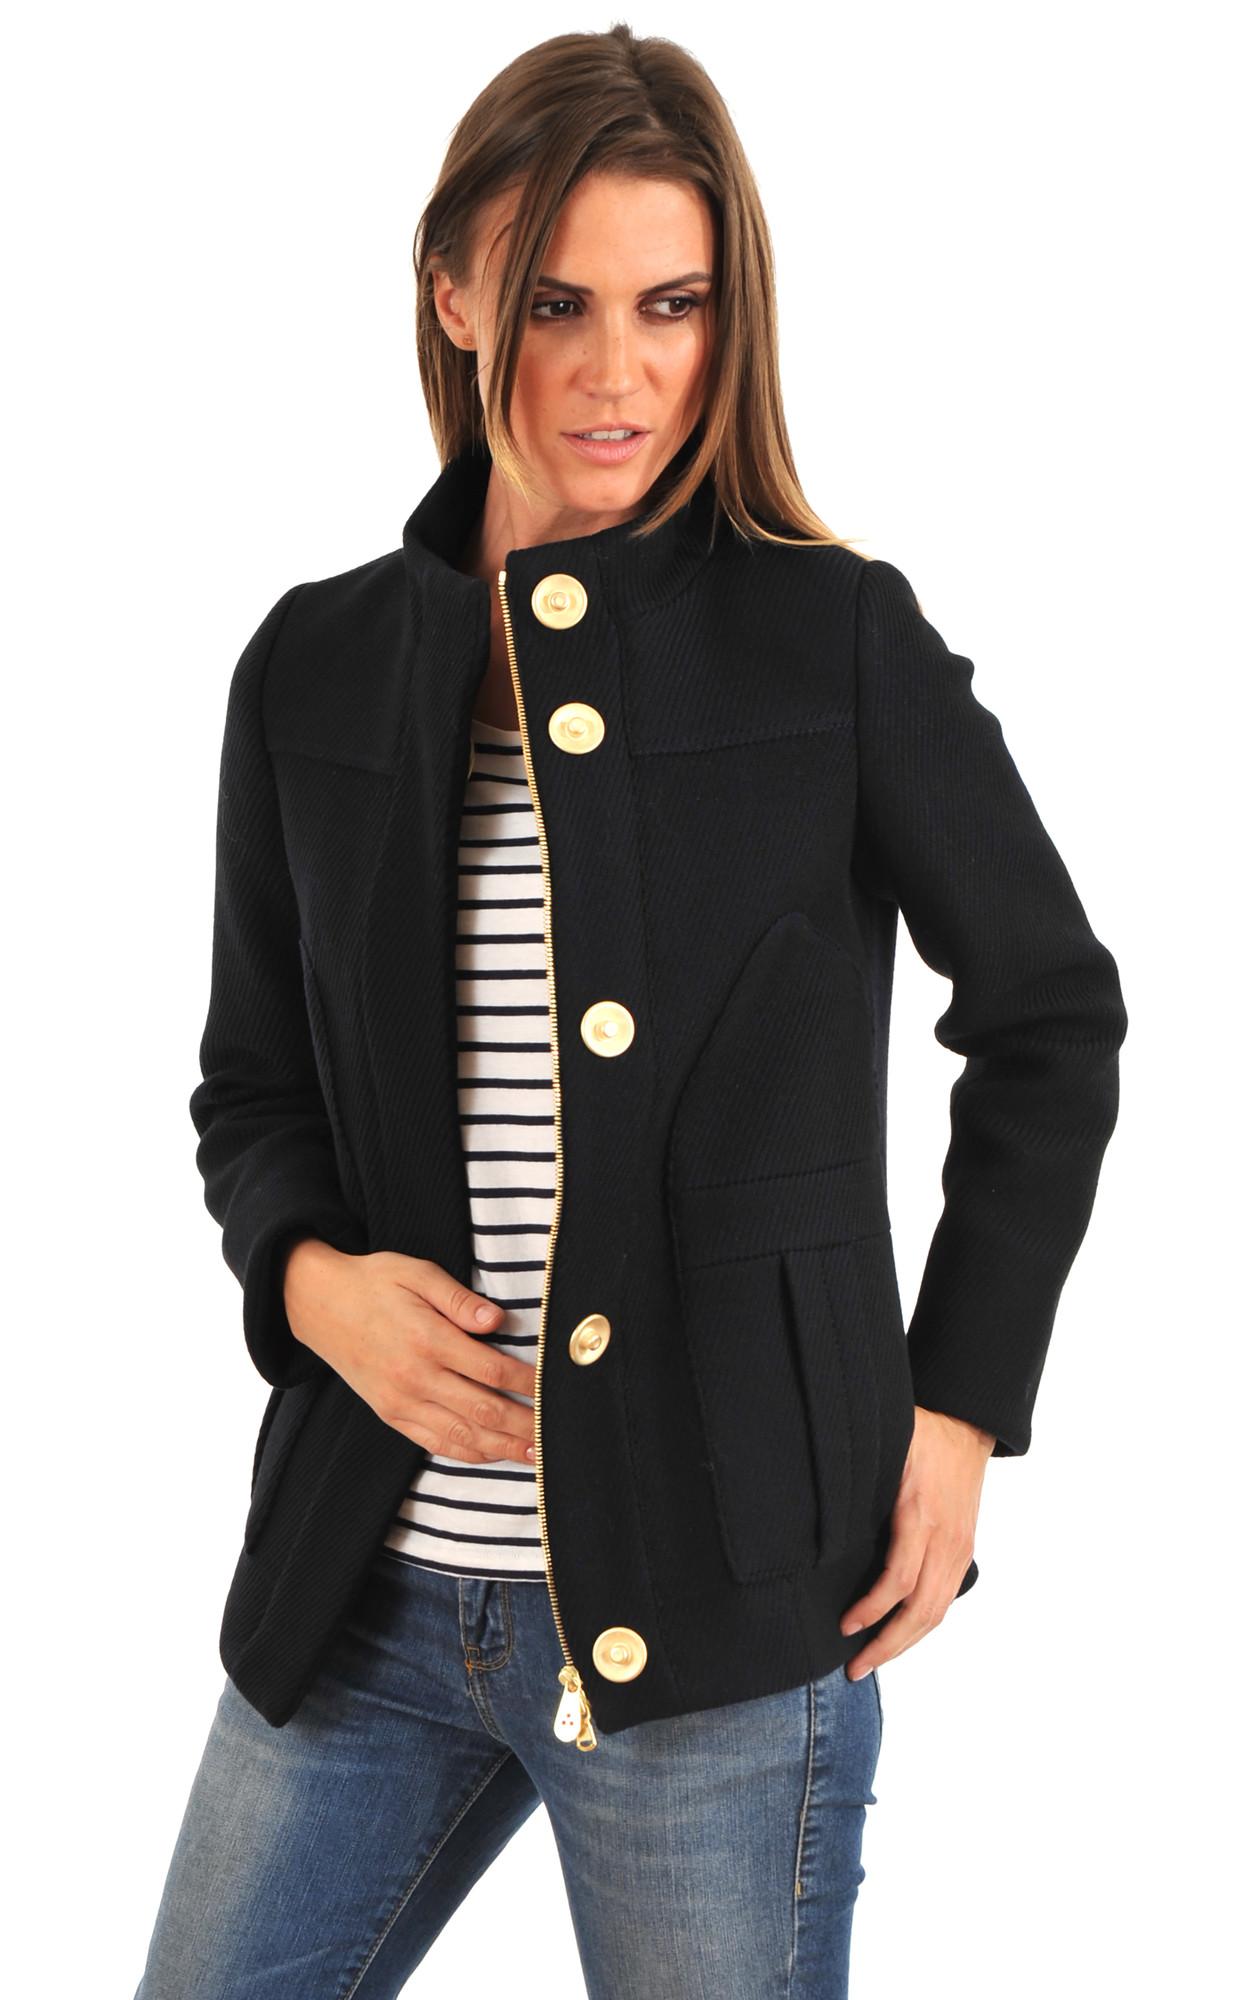 Doudoune Textile Femme1